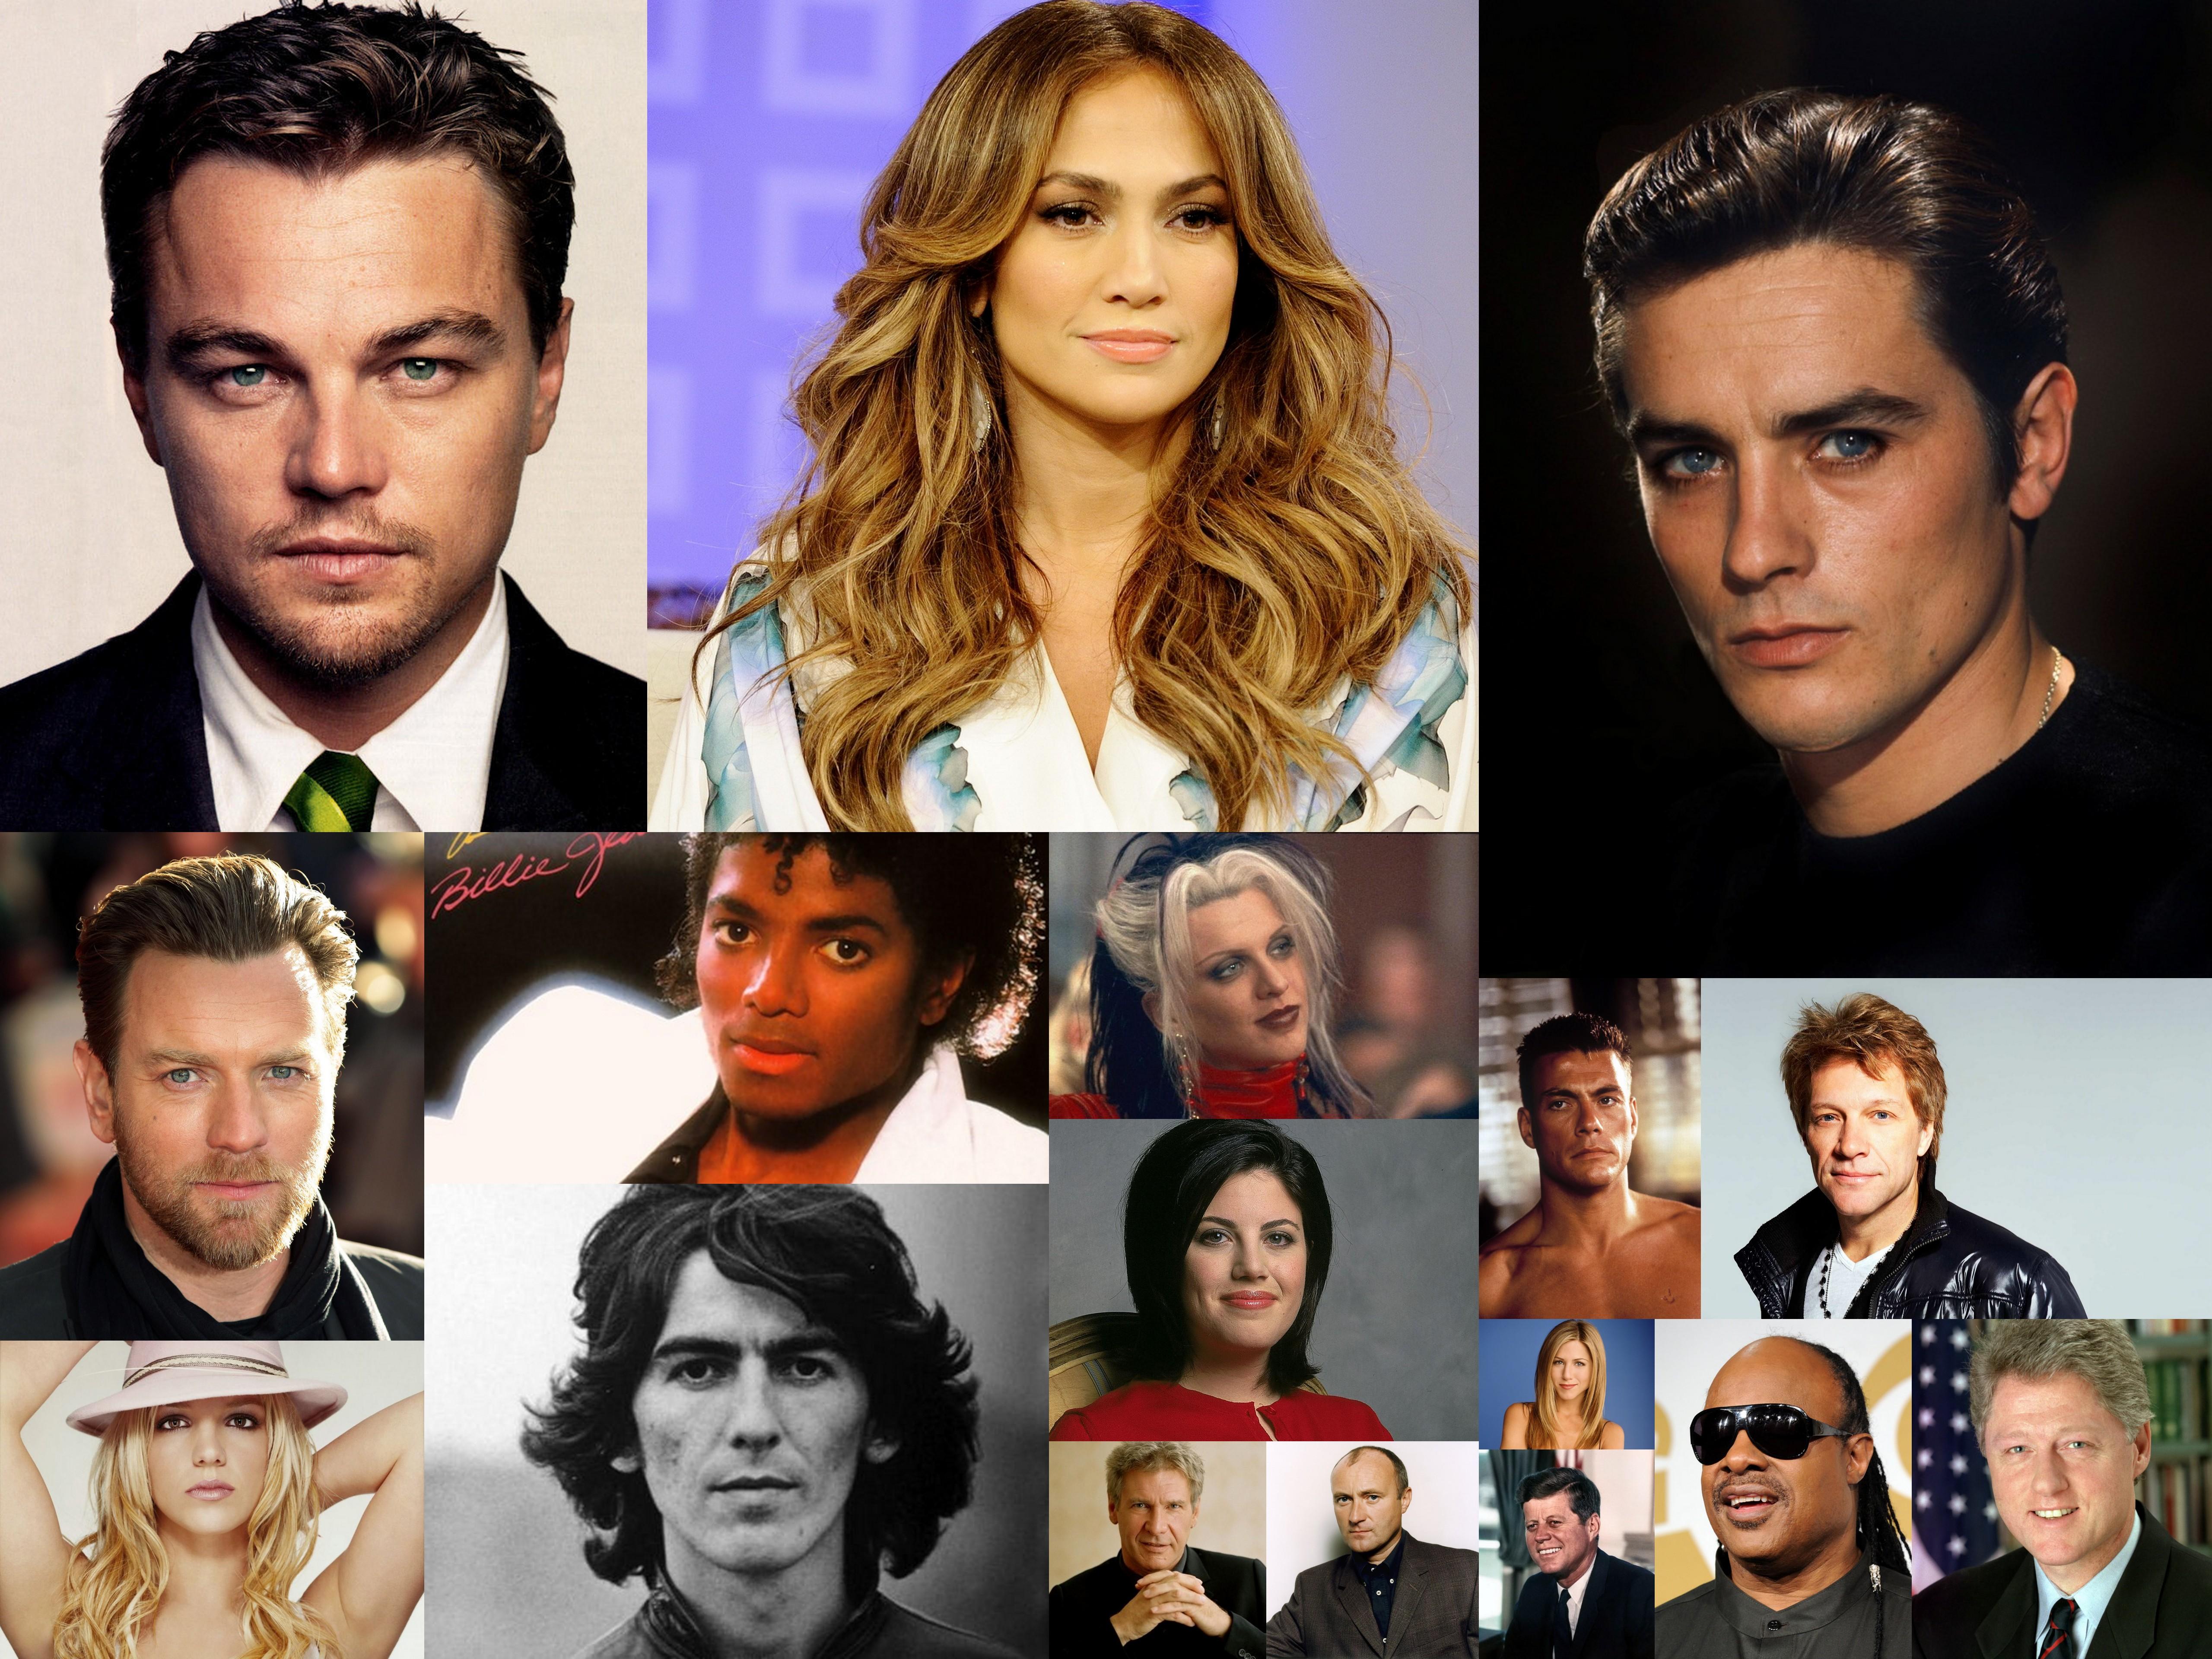 Знаменитости И Политики Рожденные Под Знаком Скорпиона